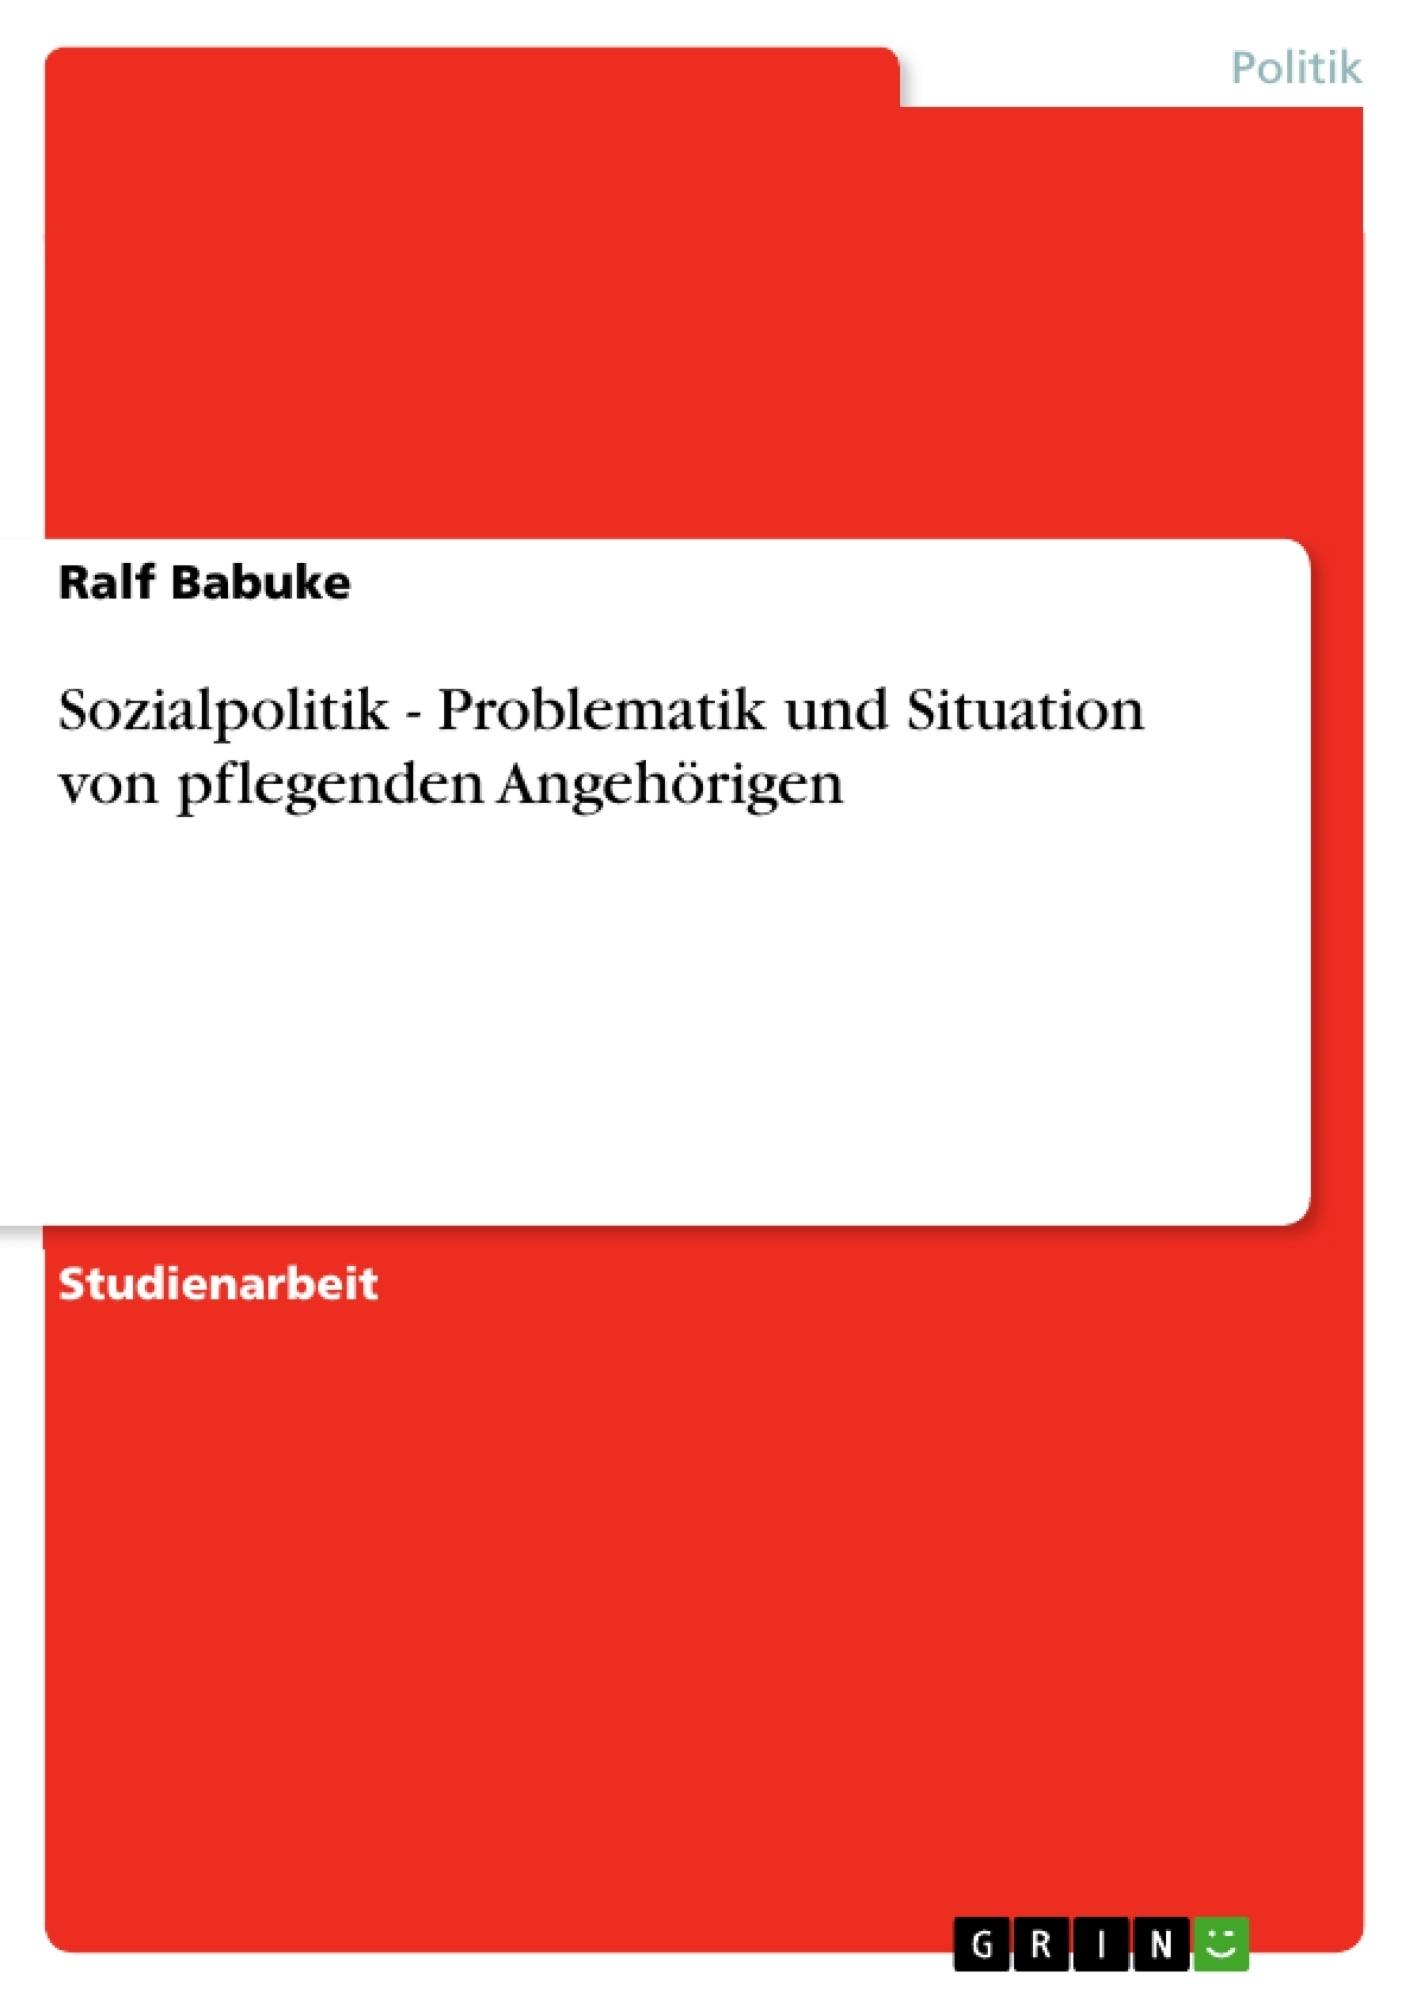 Titel: Sozialpolitik - Problematik und Situation von pflegenden Angehörigen